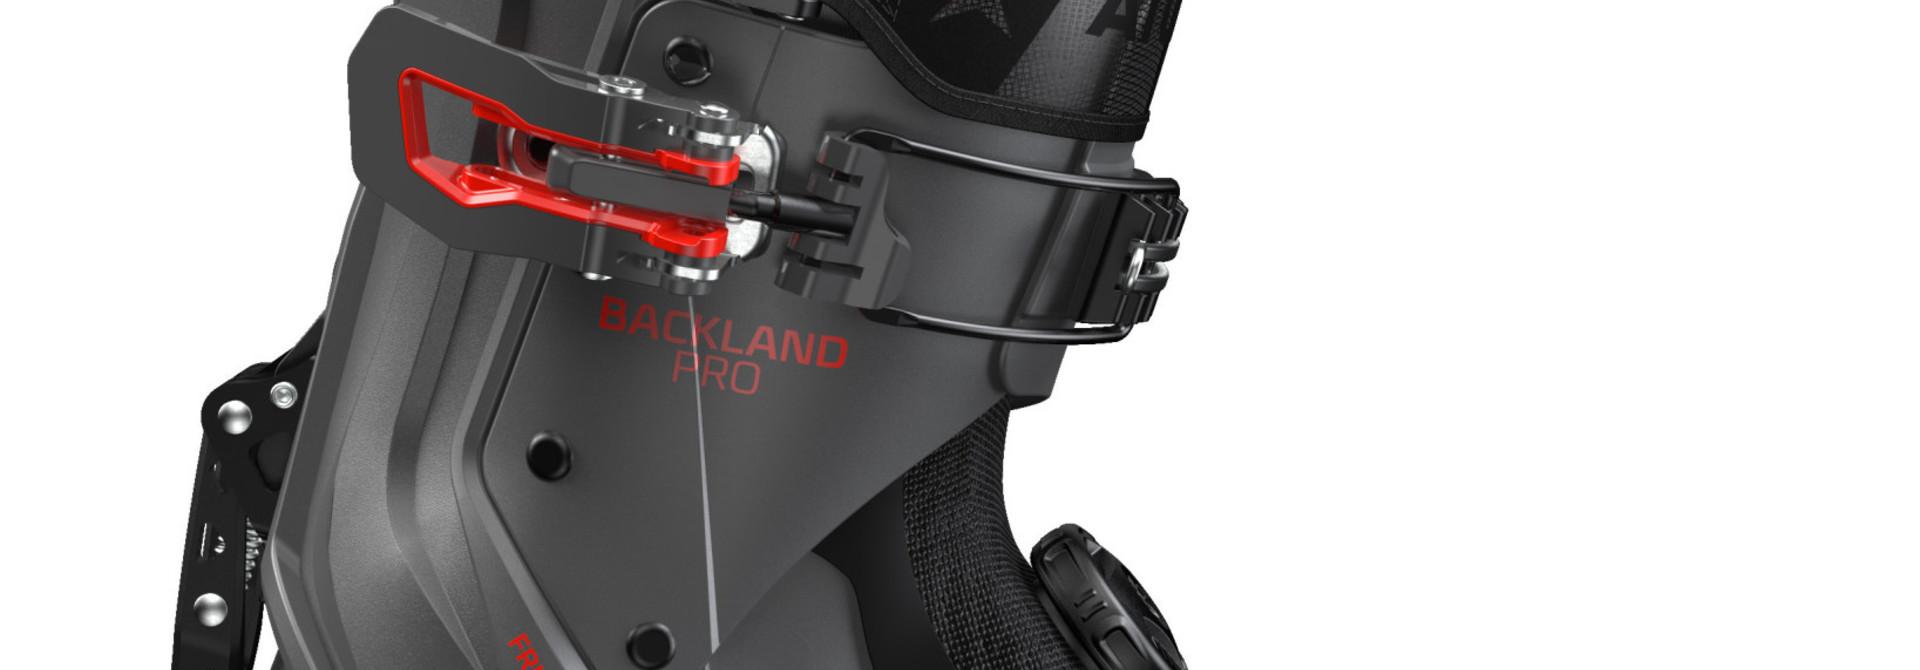 Atomic Backland Pro